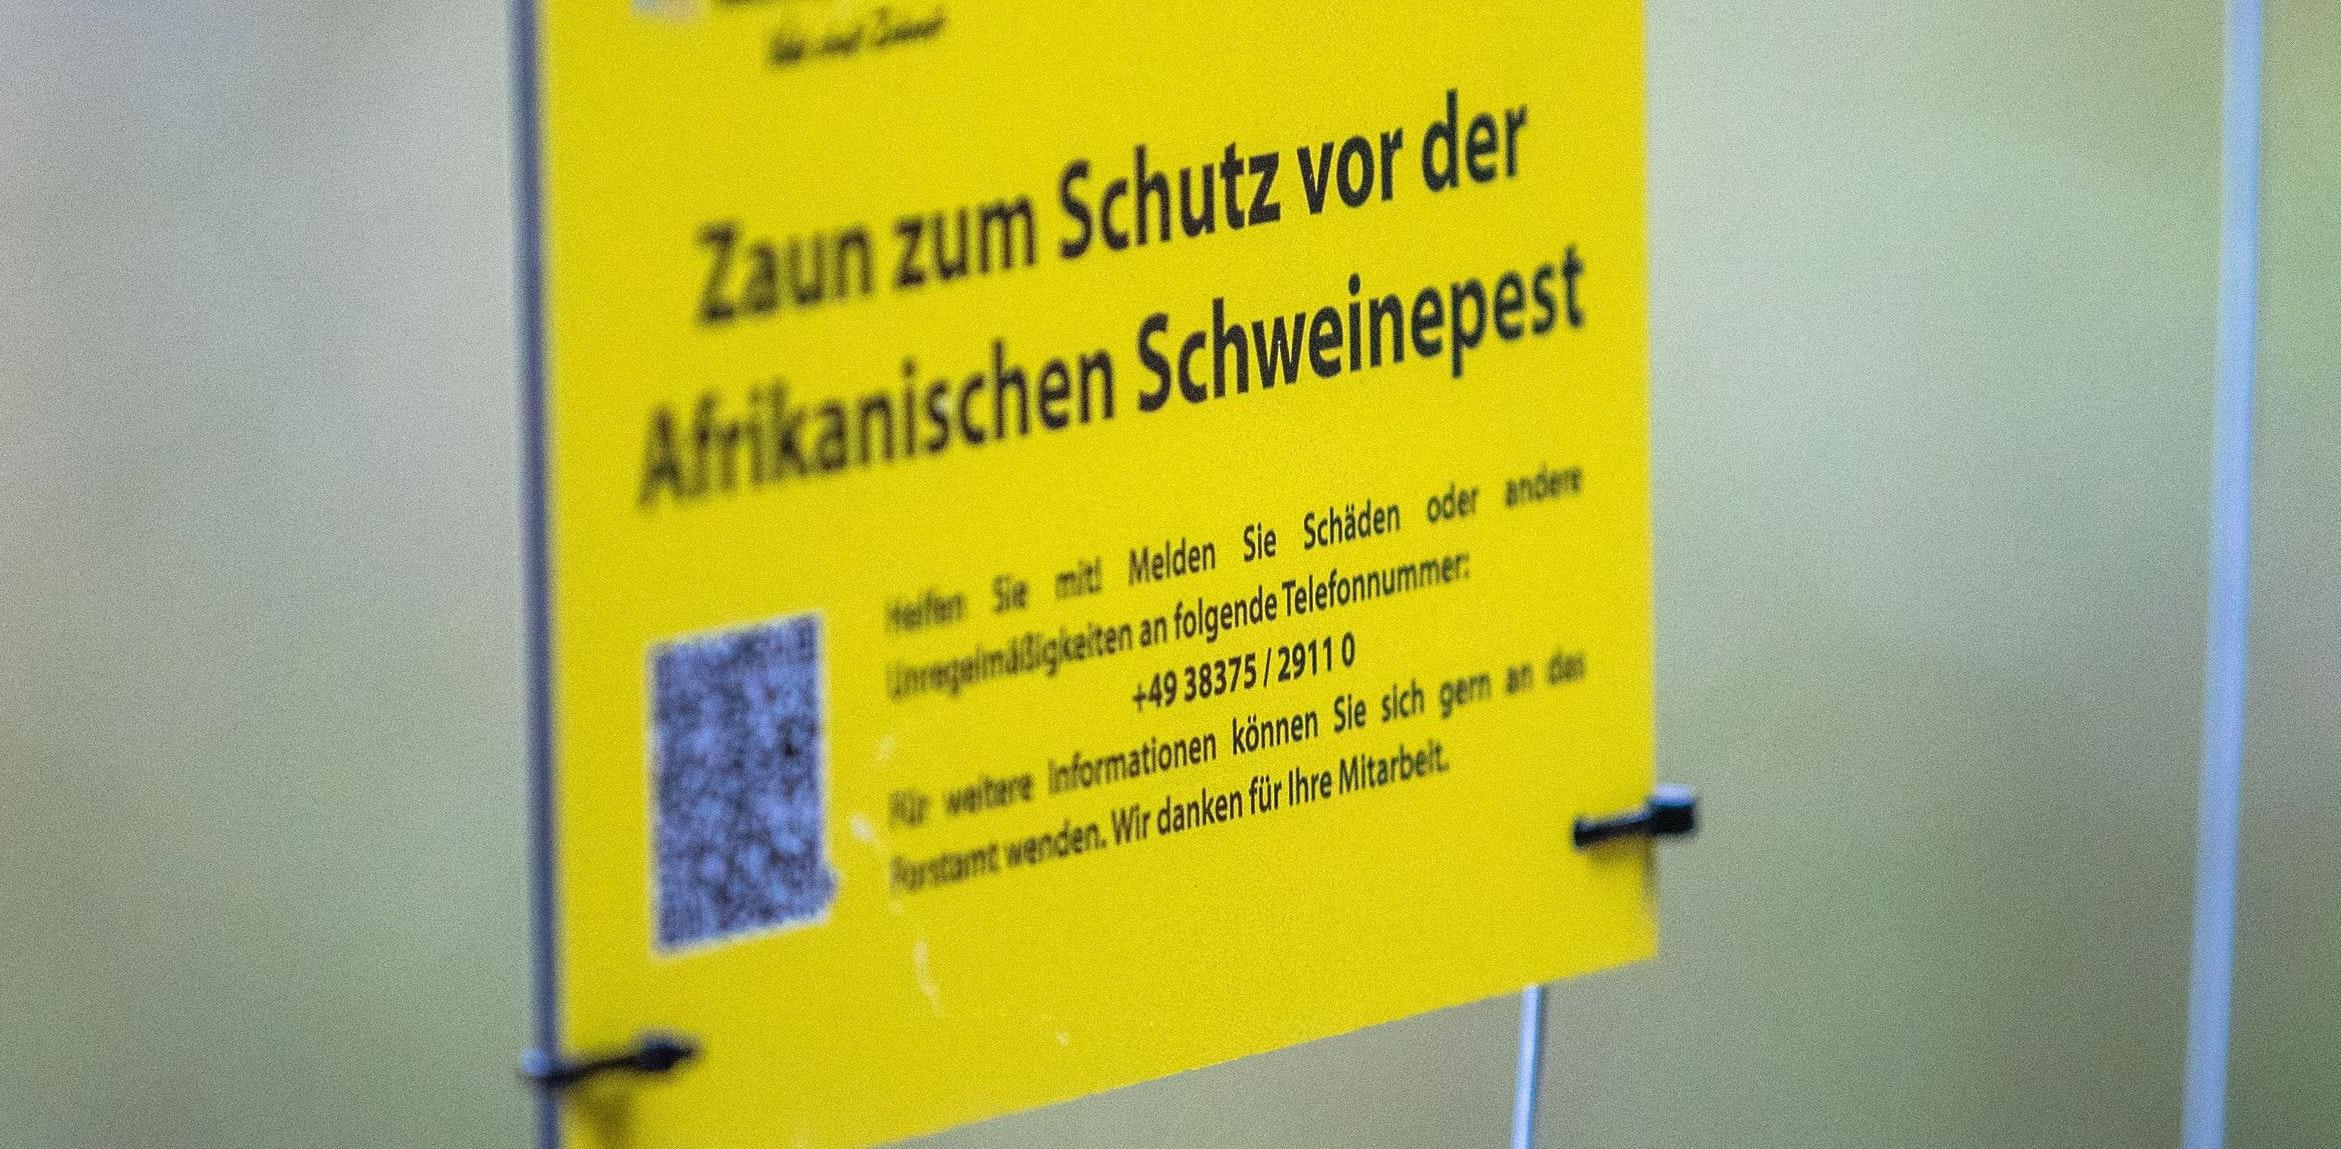 Prävention per Draht und elektrischer Ladung: Ein Sperrzaun an der Grenze zwischen Polen und Deutschland soll die Ausbreitung der Afrikanischen Schweinepest verhindern. Foto: dpa/Büttner